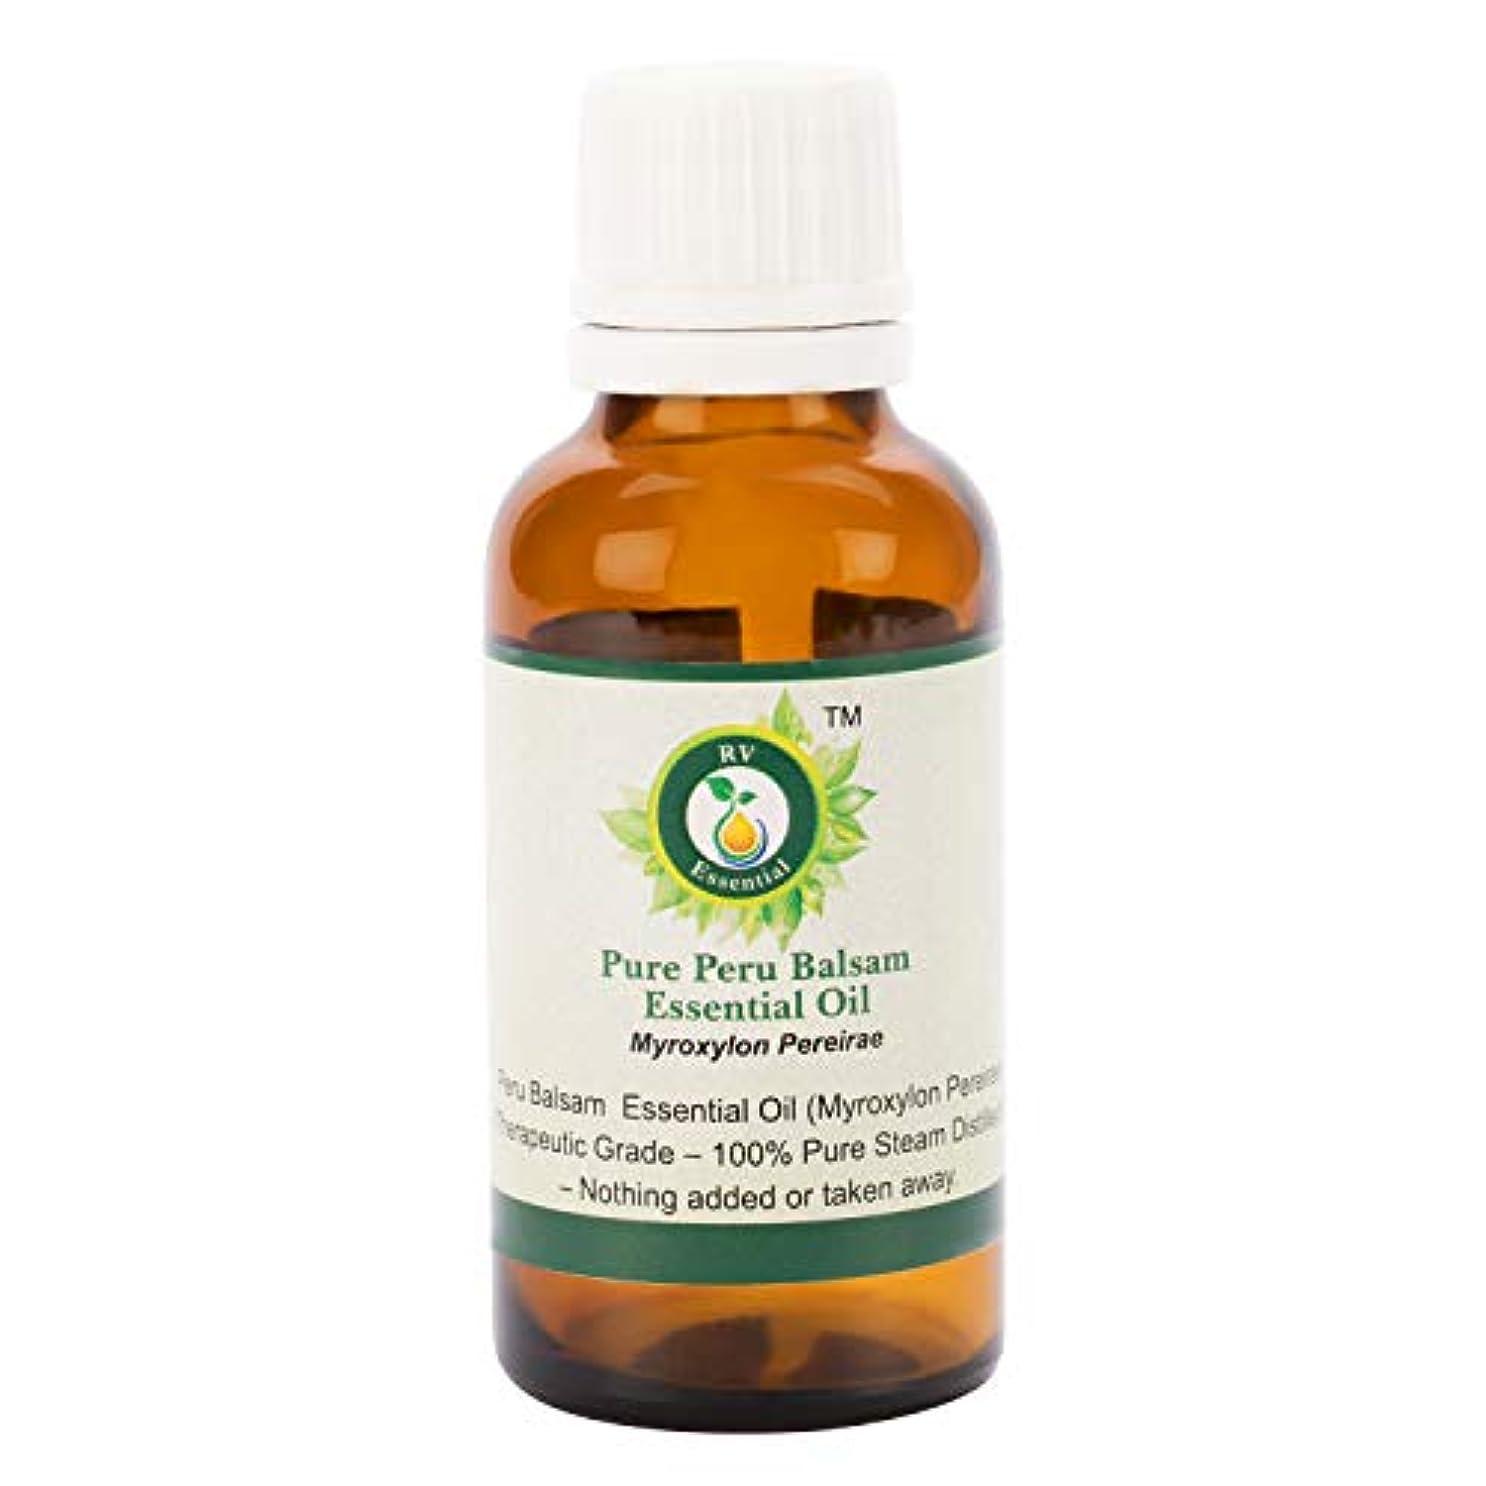 戦士スタンド期間ピュアペルーバルサム?エッセンシャルオイル630ml (21oz)- Myroxylon Pereirae (100%純粋&天然スチームDistilled) Pure Peru Balsam Essential Oil